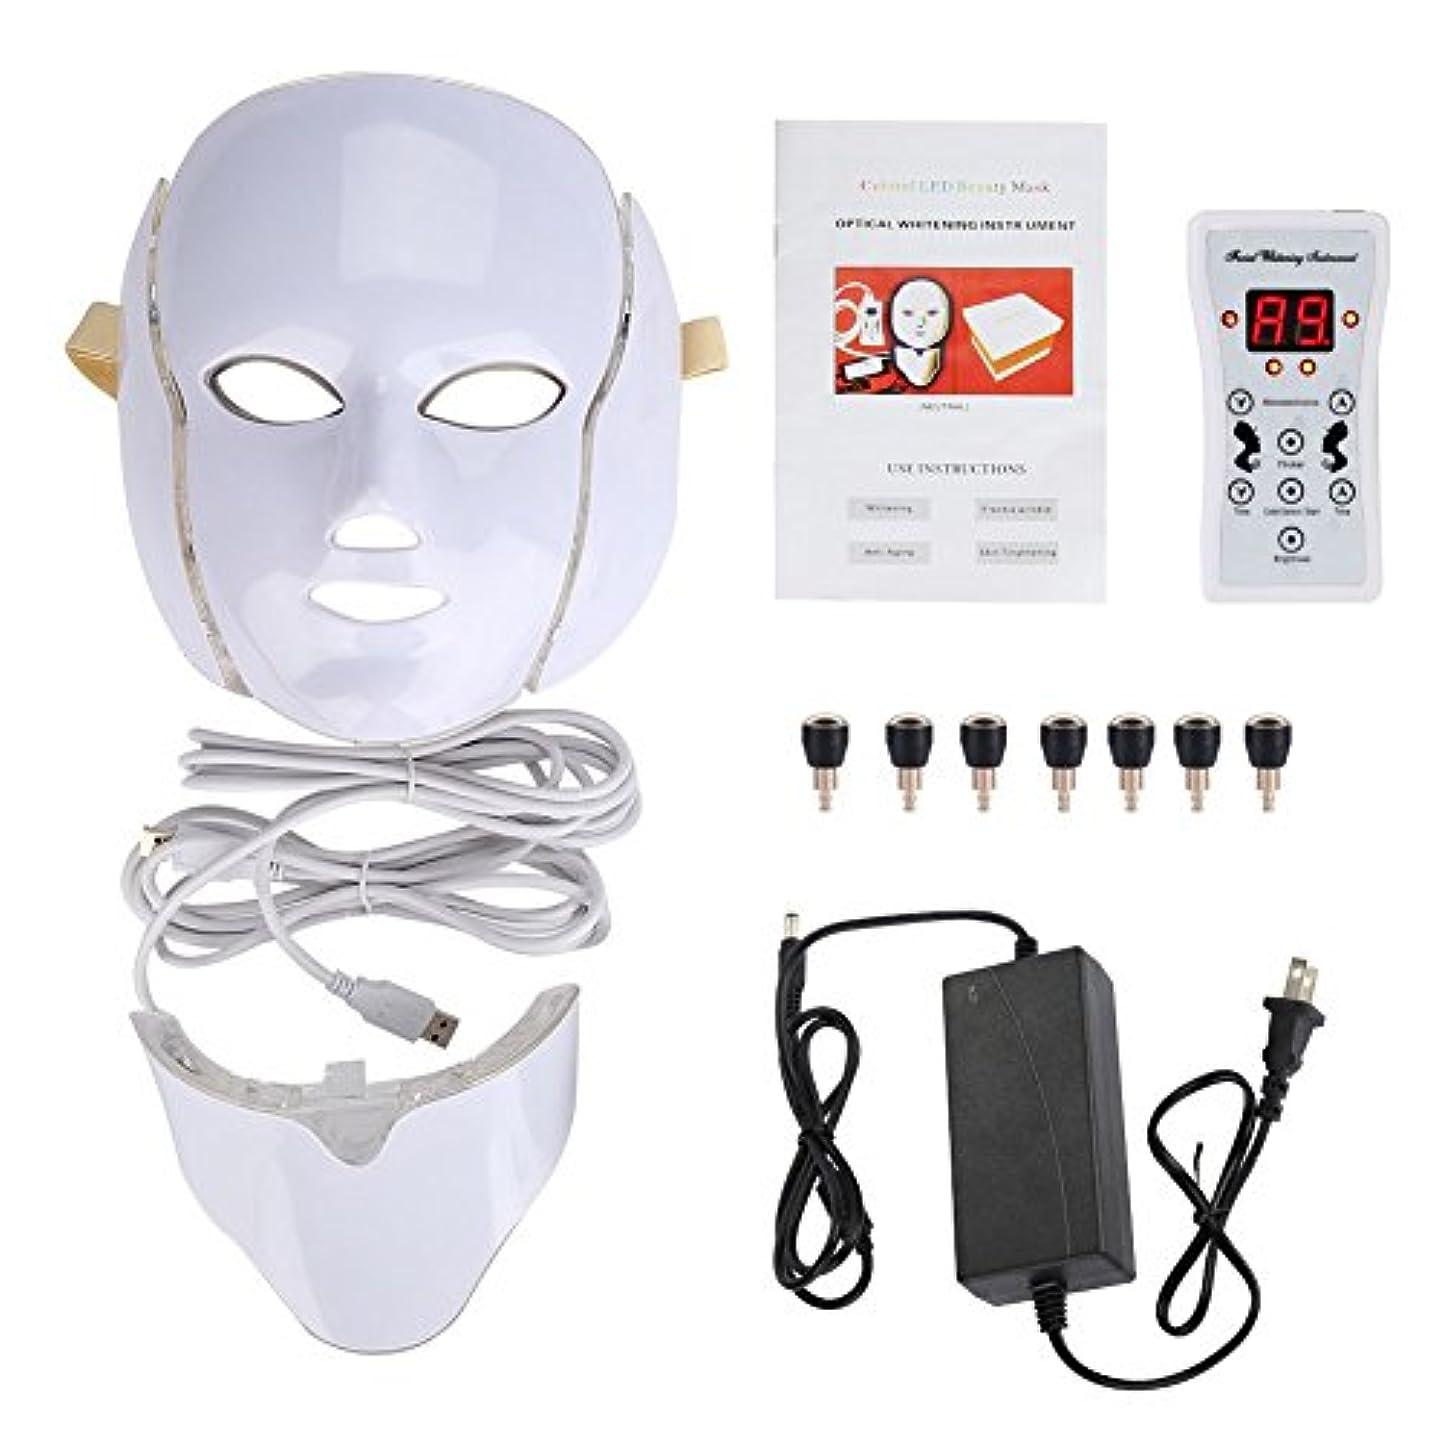 顔の肌の若返りマッサージ、7色のスキンケア美容マスクツール顔の肌のしわ除去&首の肌を引き締めトリートメントボディケアツールFDA承認(白)